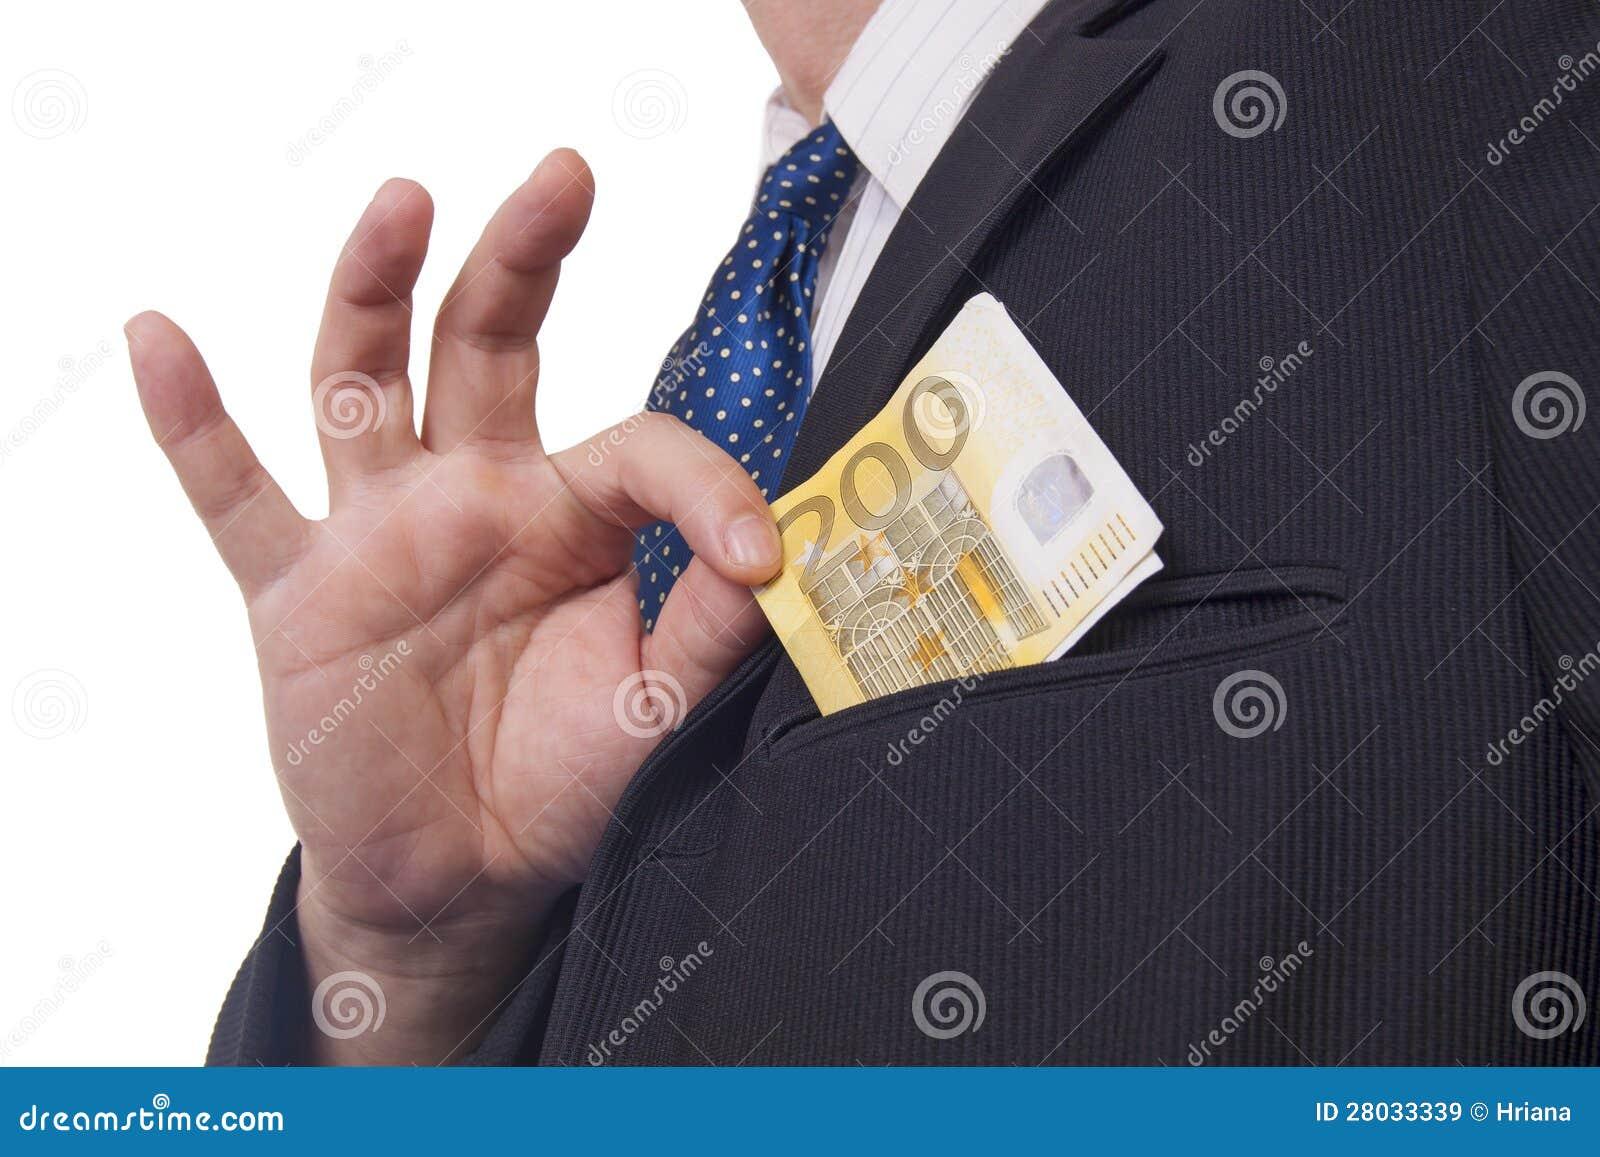 К чему снятся деньги в карманах